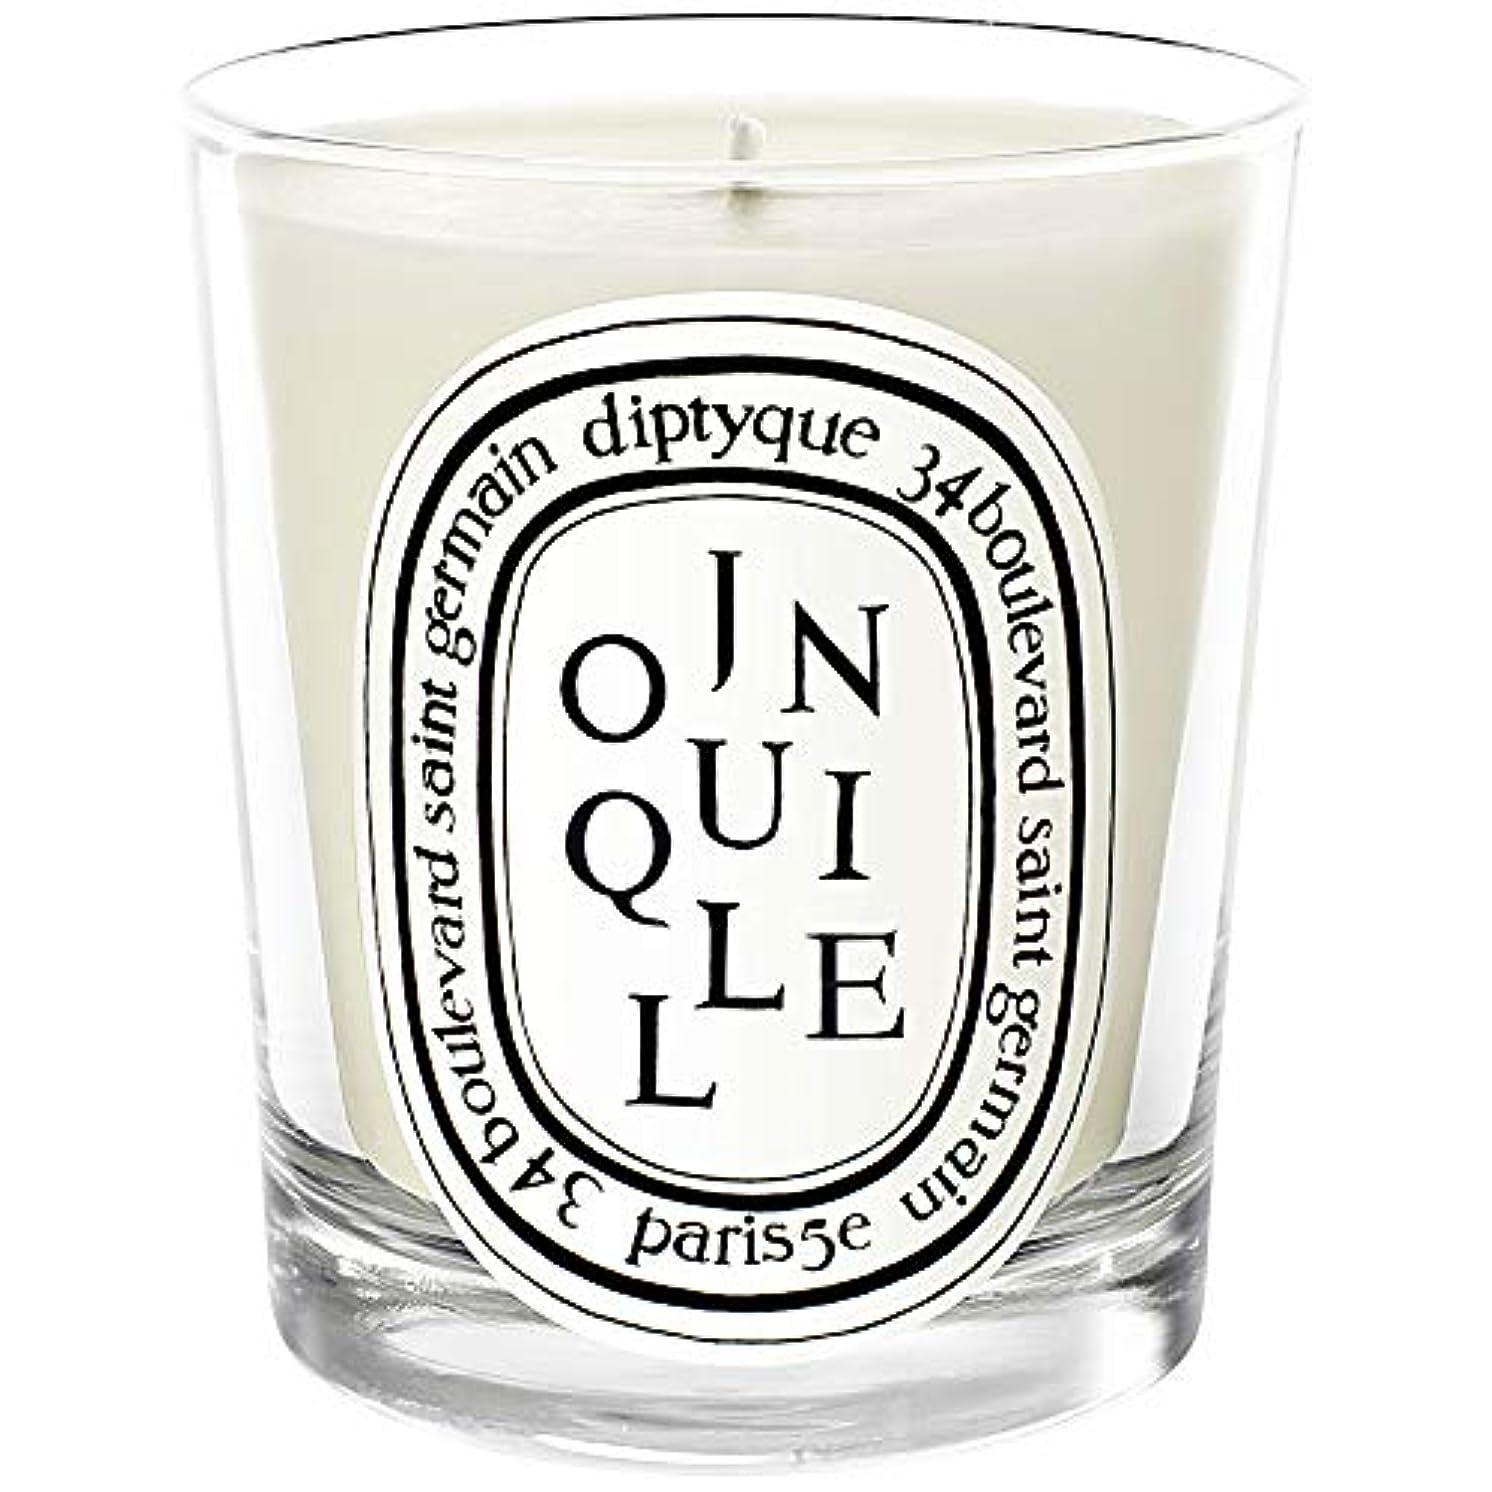 さようなら役割ベイビー[Diptyque] Diptyque Jonquilleキャンドル190グラム - Diptyque Jonquille Candle 190g [並行輸入品]